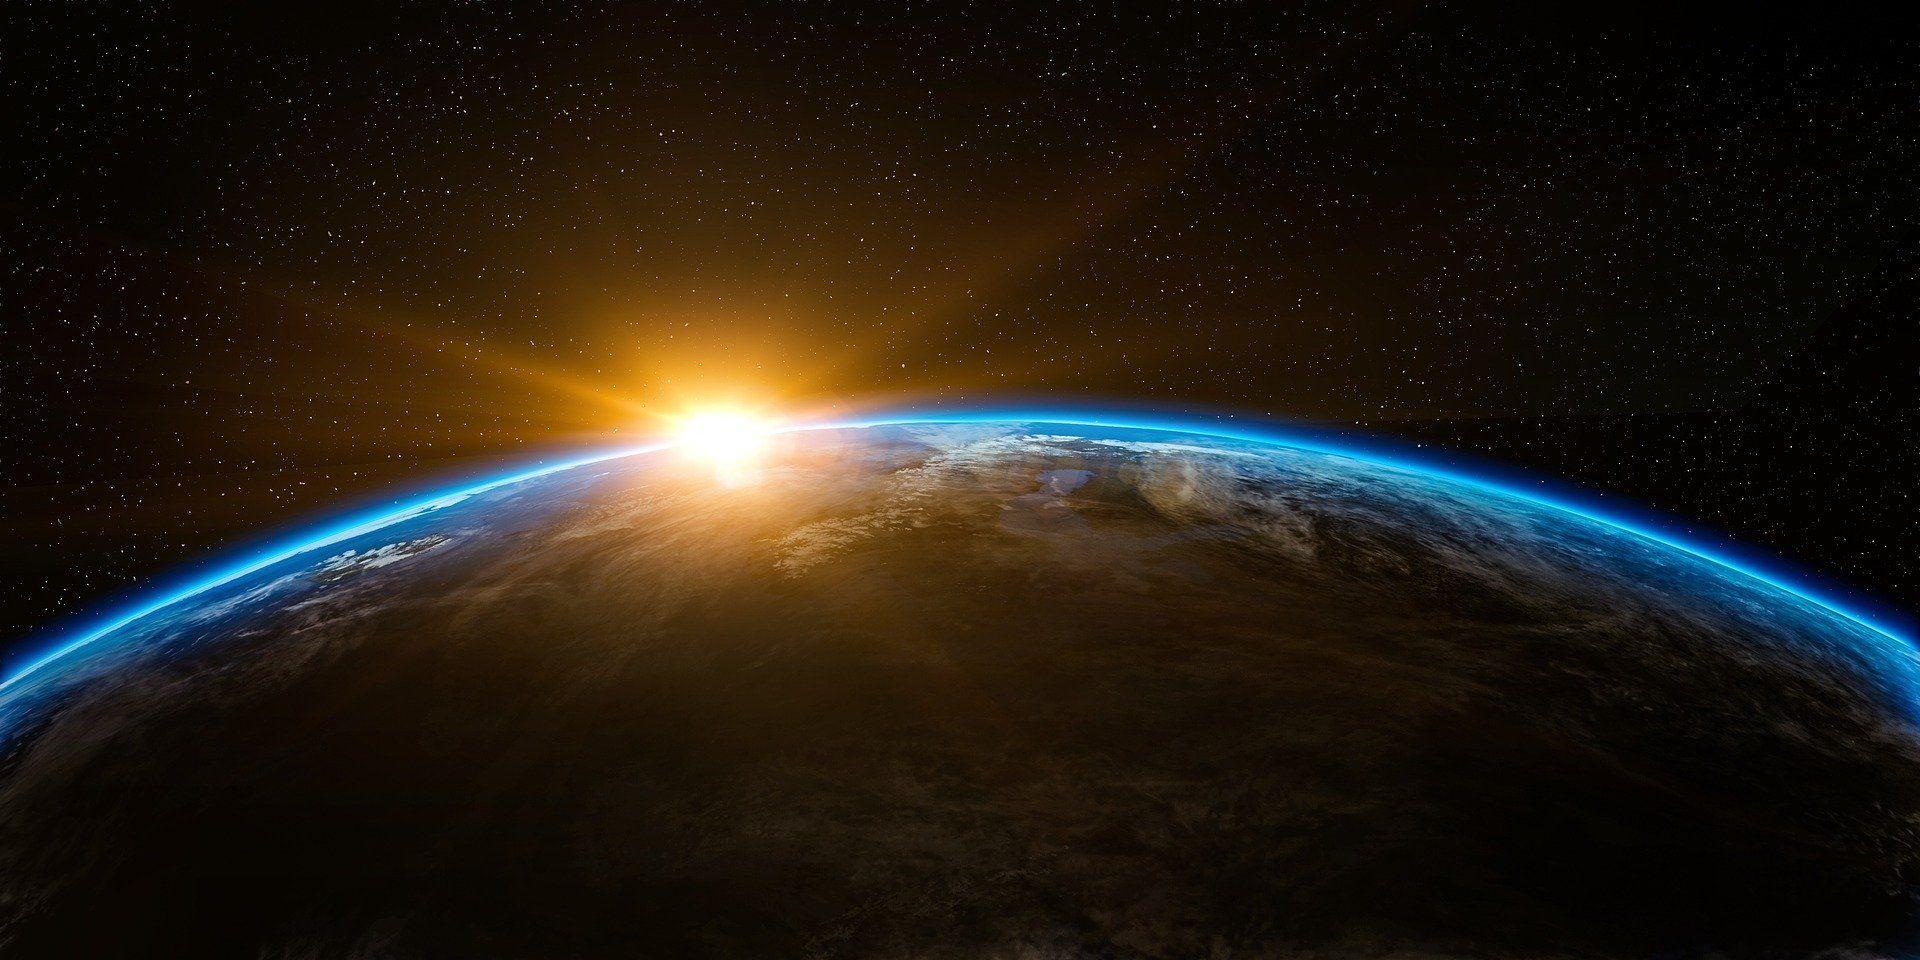 Como podemos criar uma presença humana sustentável na Terra?